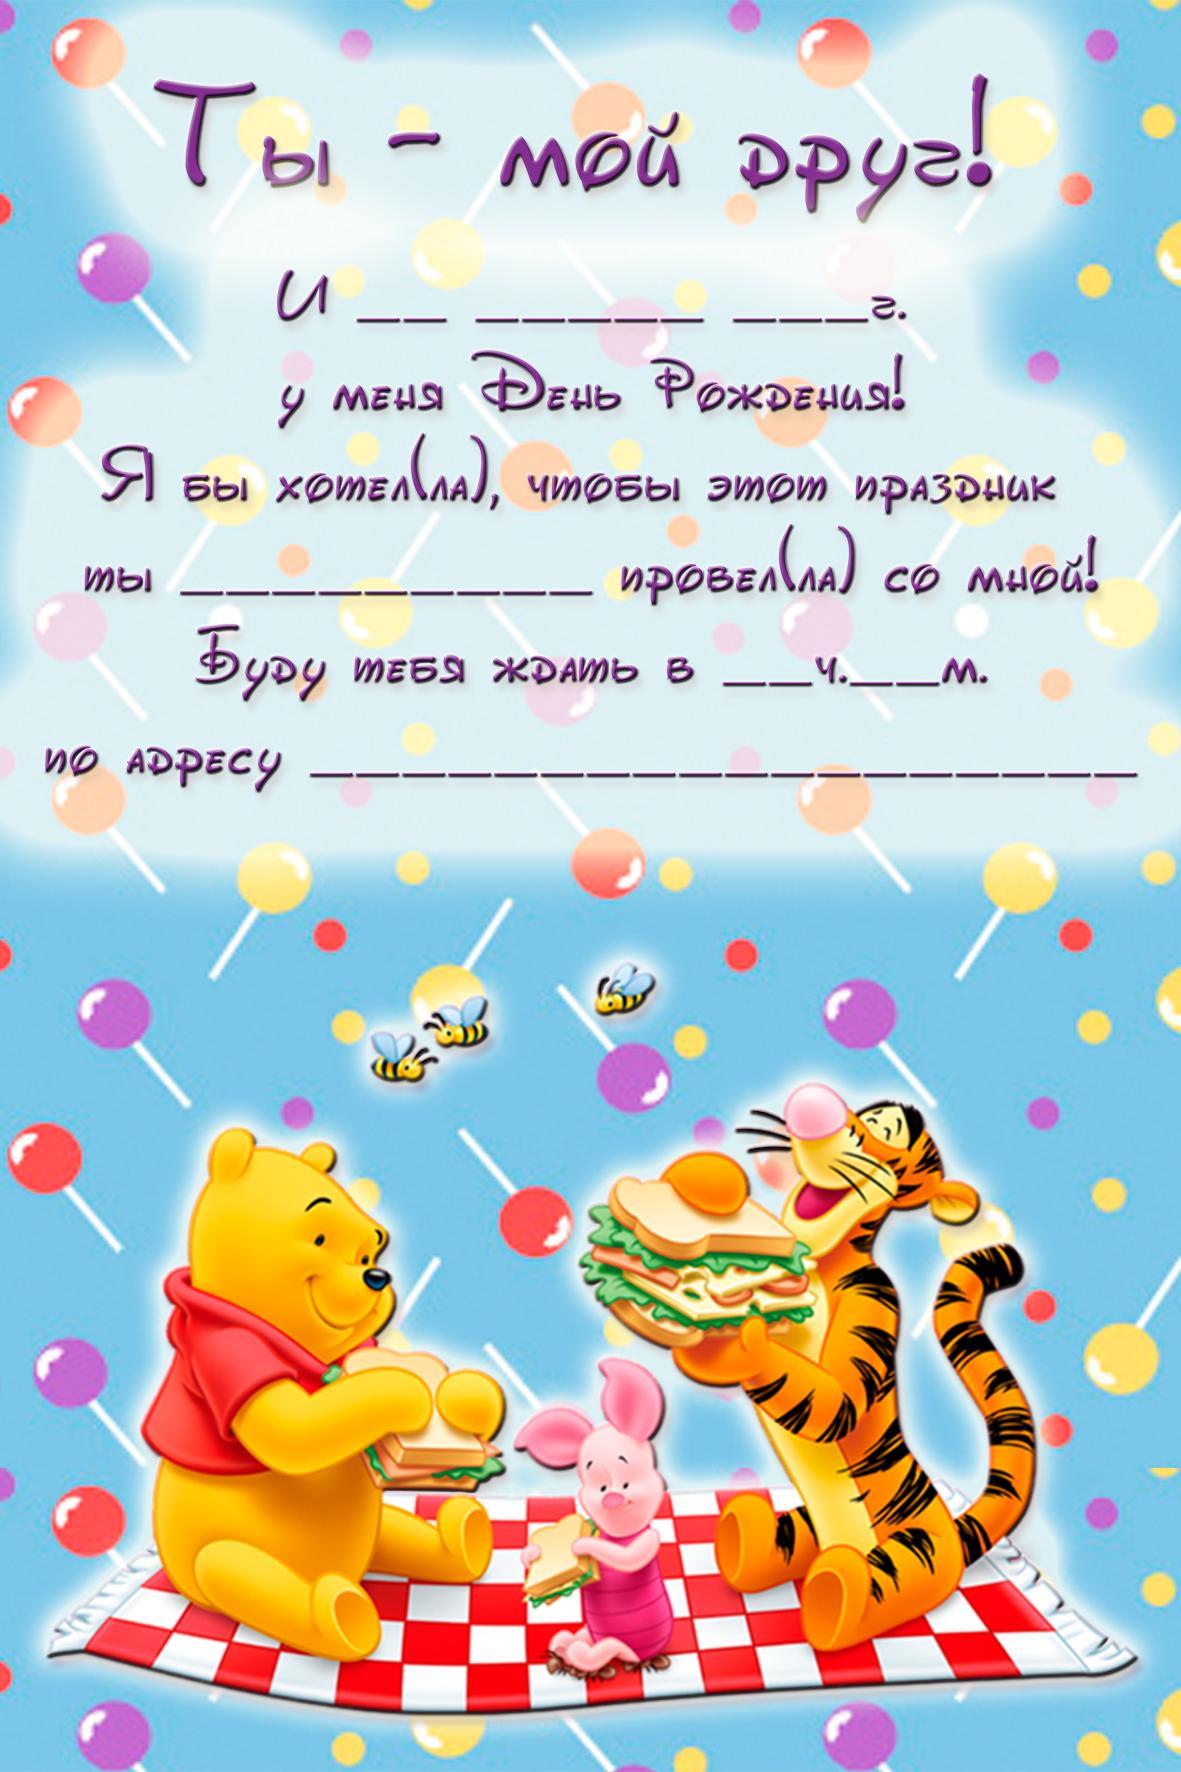 Приглашение на день рождение в картинках